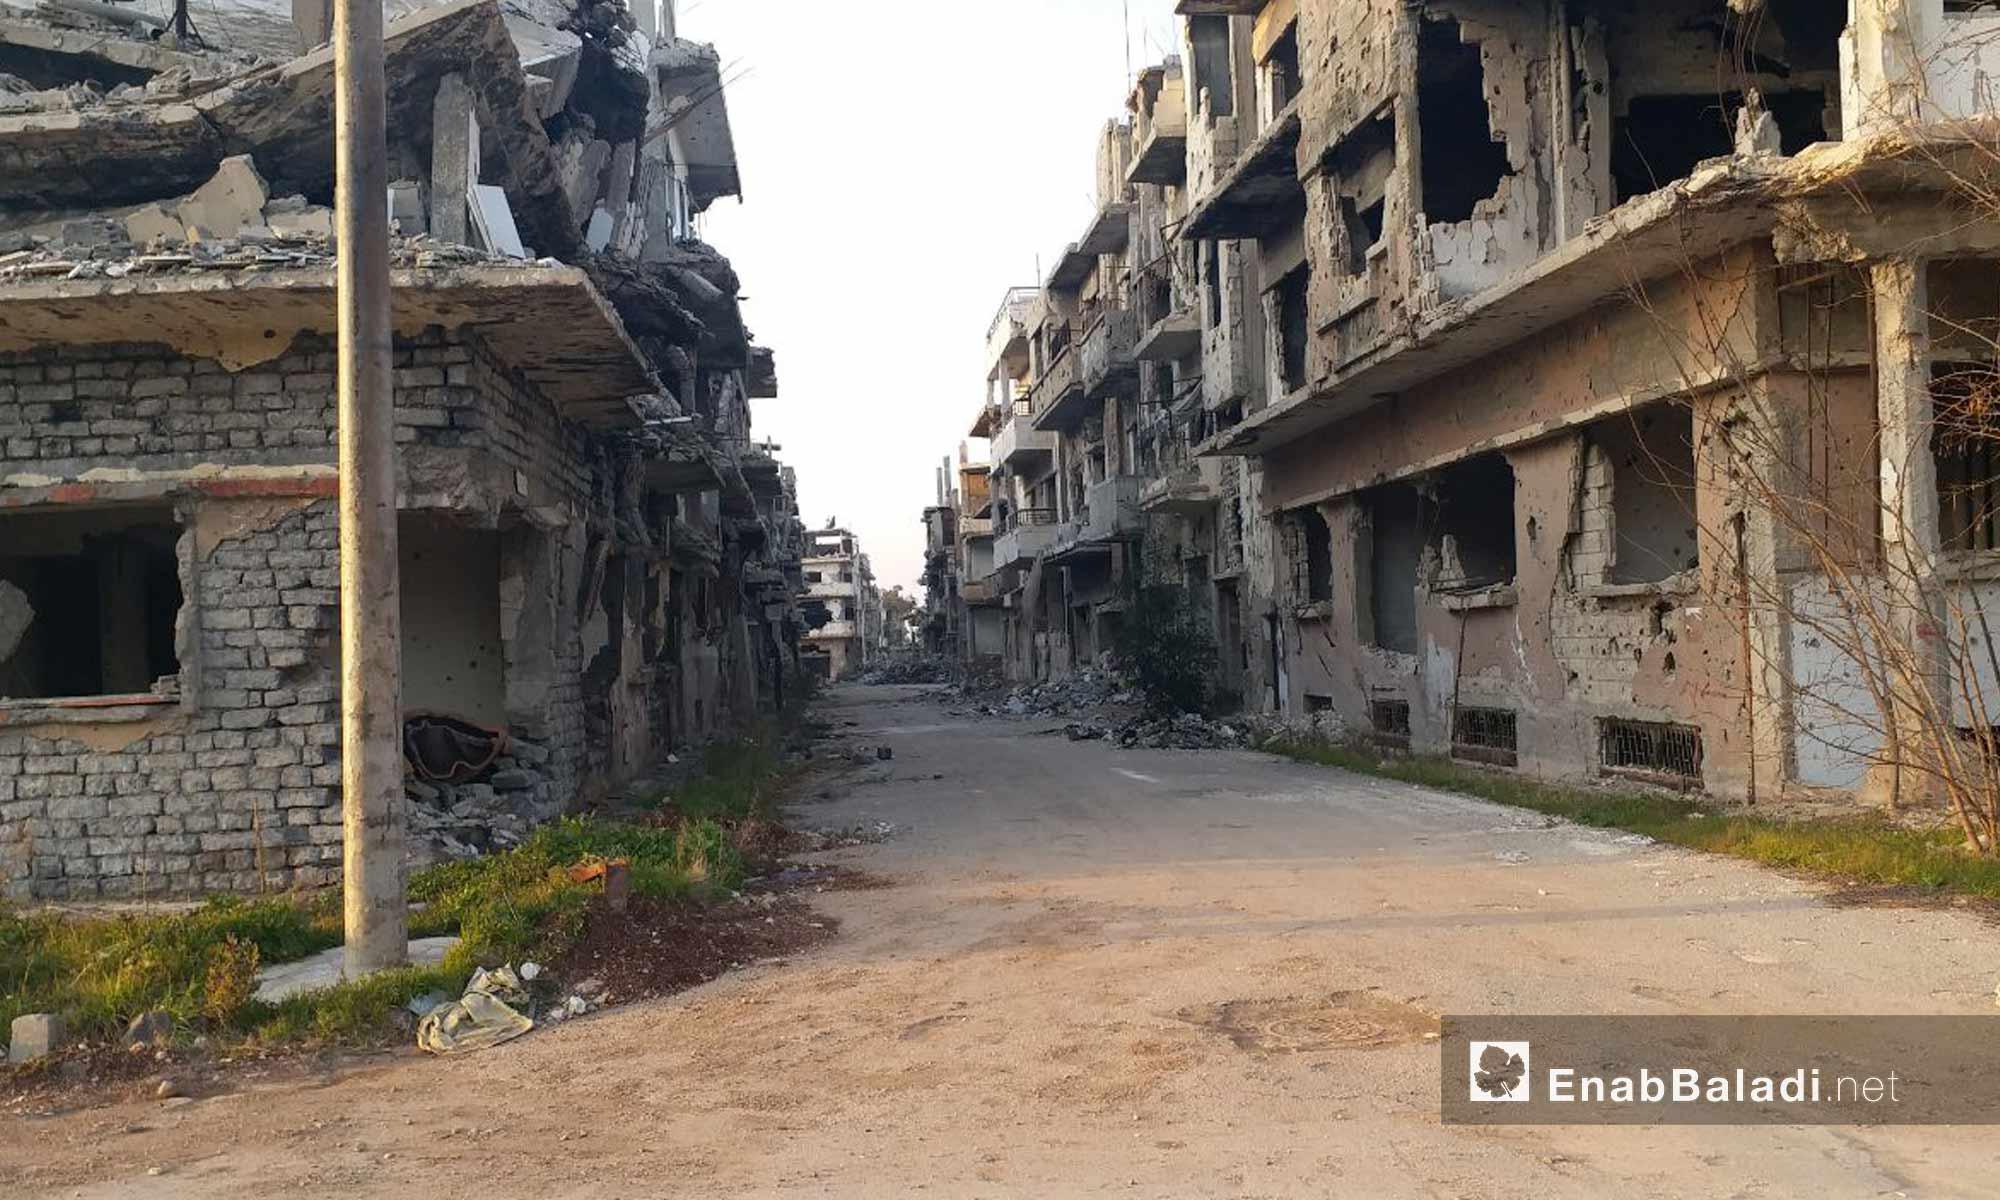 شوارع في حي القرابيص بمدينة حمص - 24 من كانون الثاني 2019 (عنب بلدي)